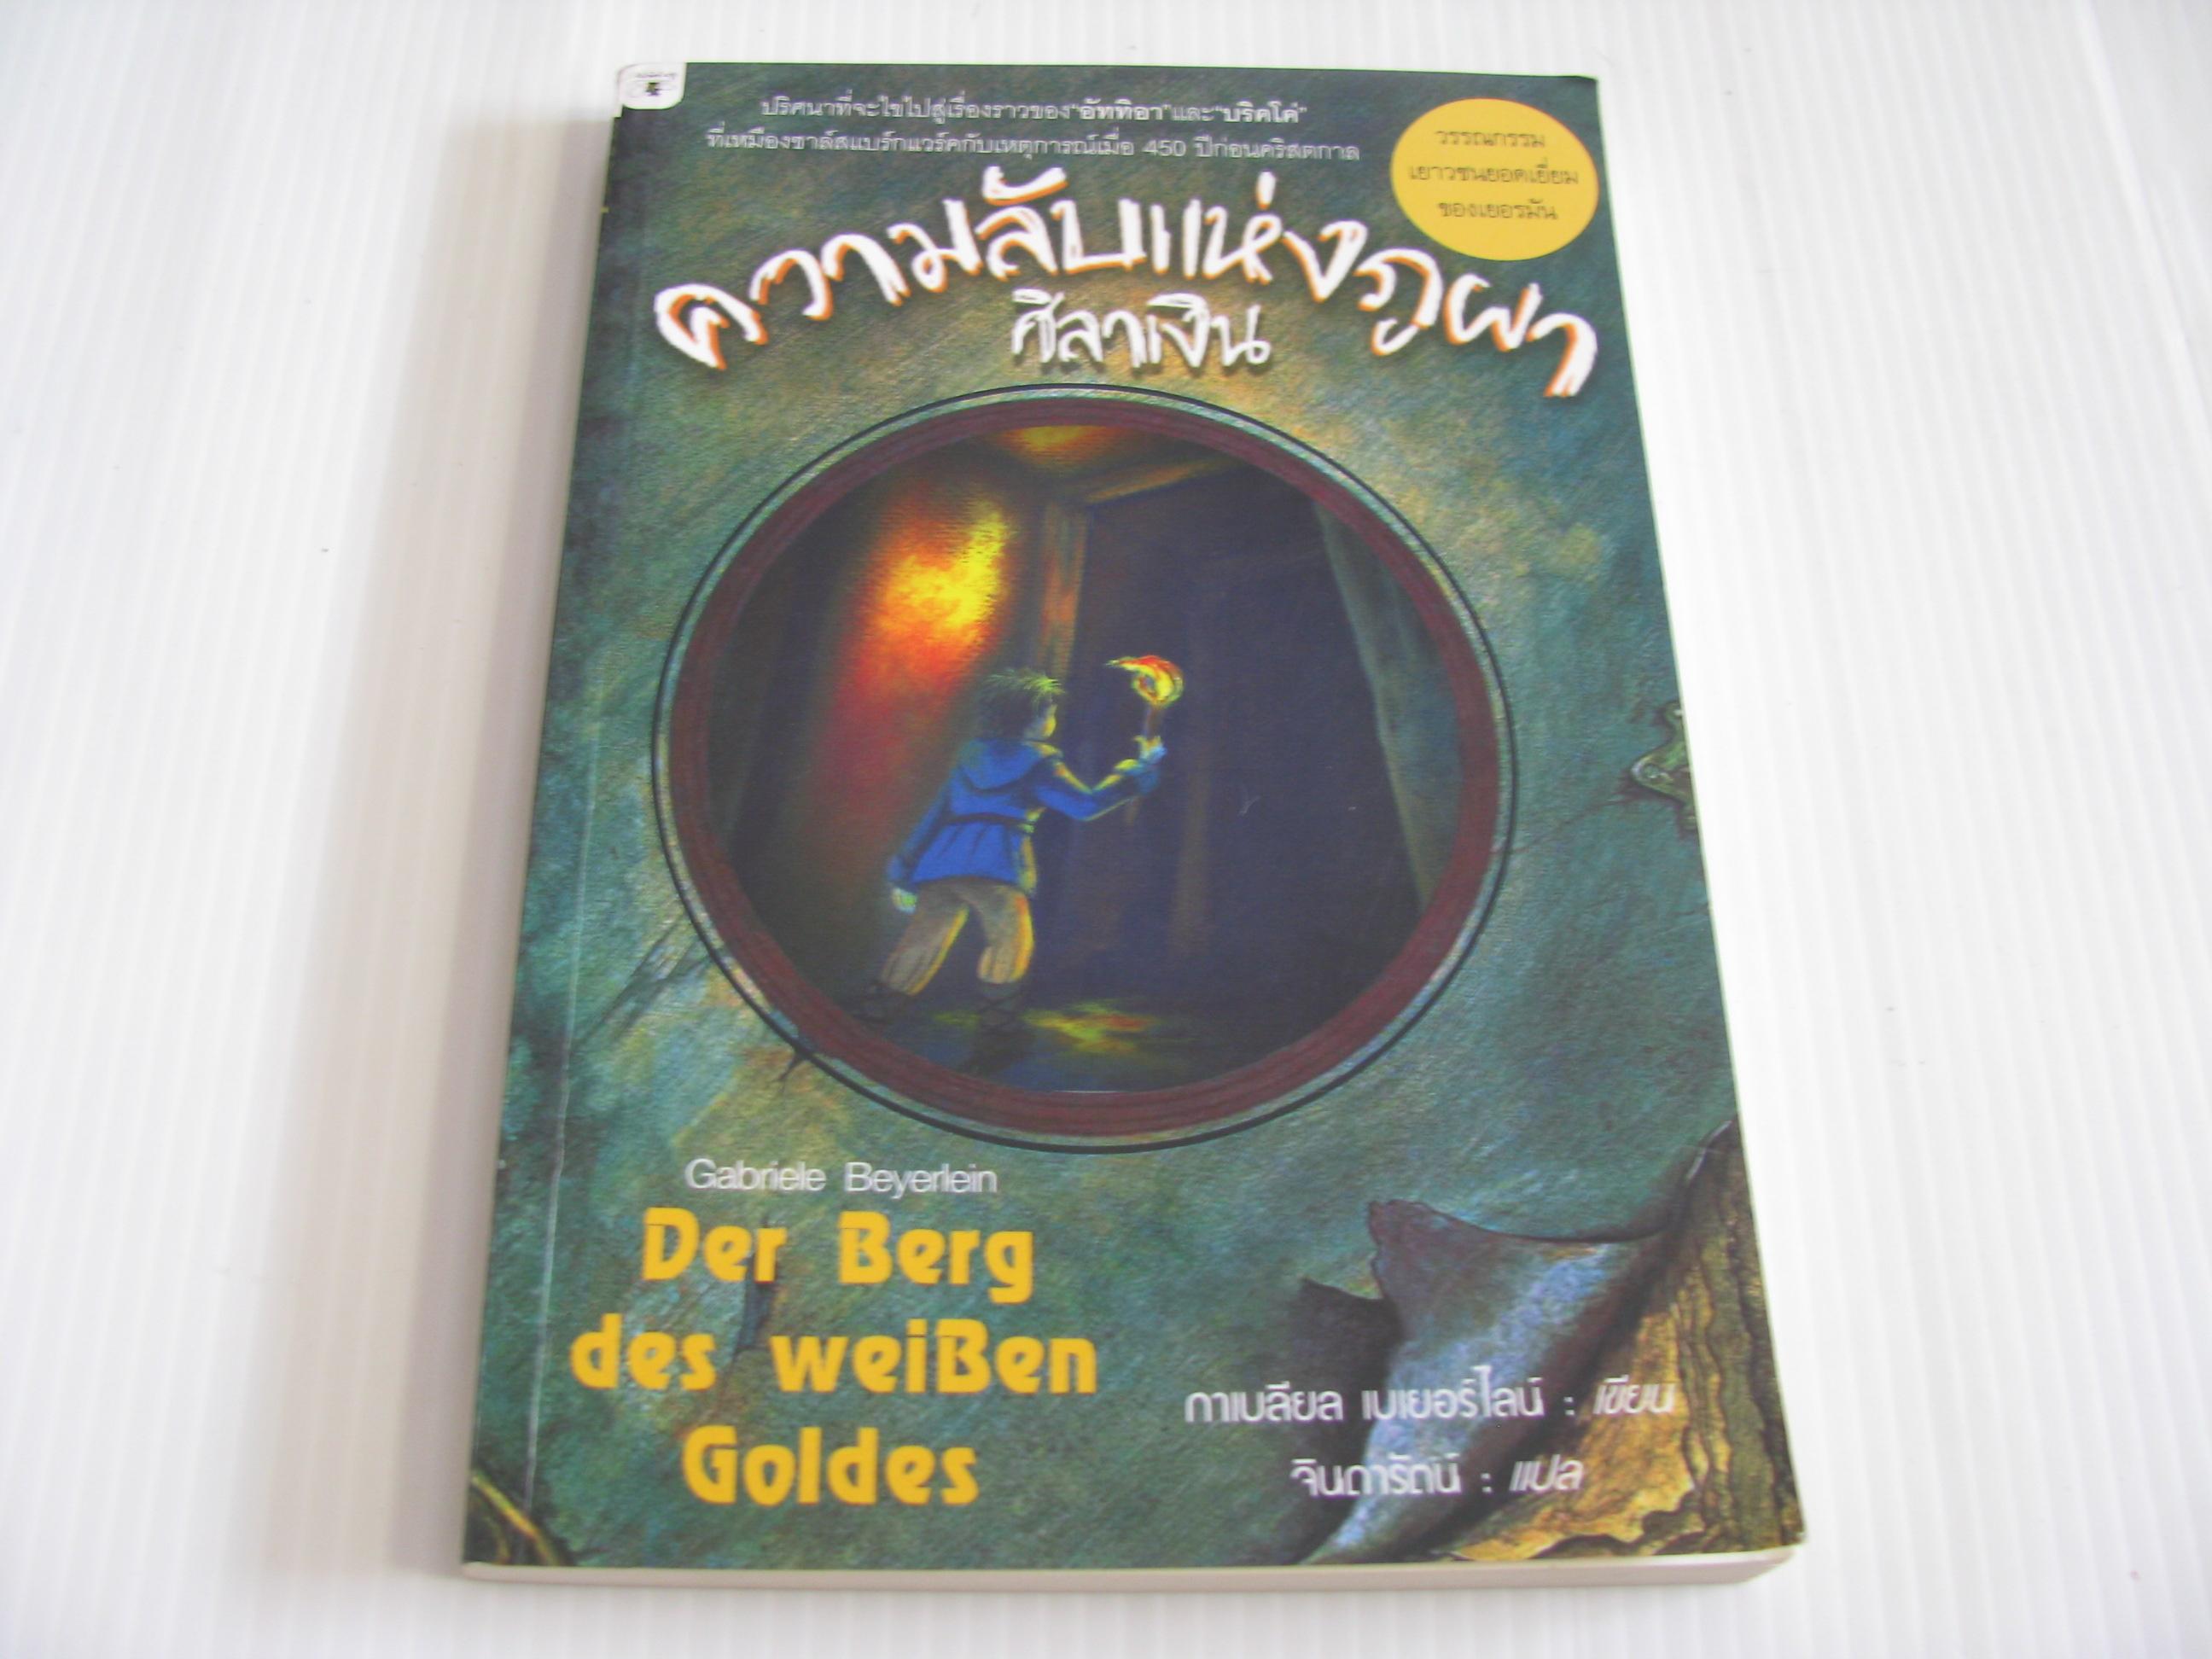 ความลับแห่งภูผาศิลาเงิน (Der Berg des weiben Goldes) กาเบลียล เบเยอร์ไลน์ เขียน จินดารัตน์ แปล